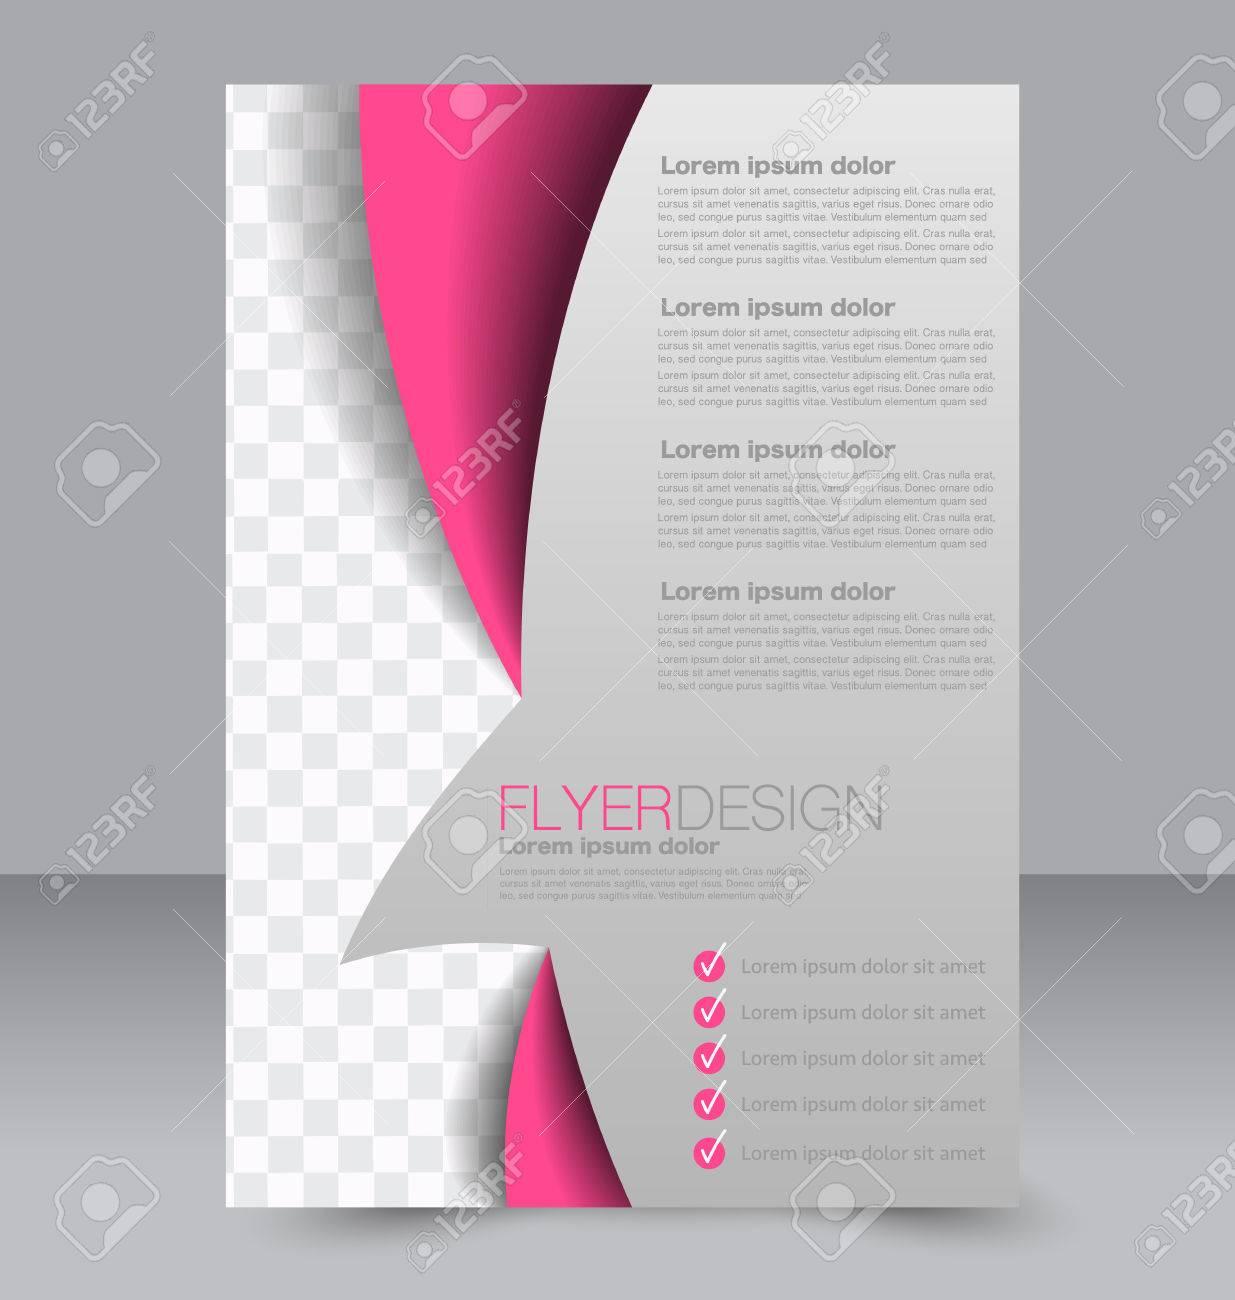 Ziemlich Masse Broschüre Vorlage Bilder - Entry Level Resume ...